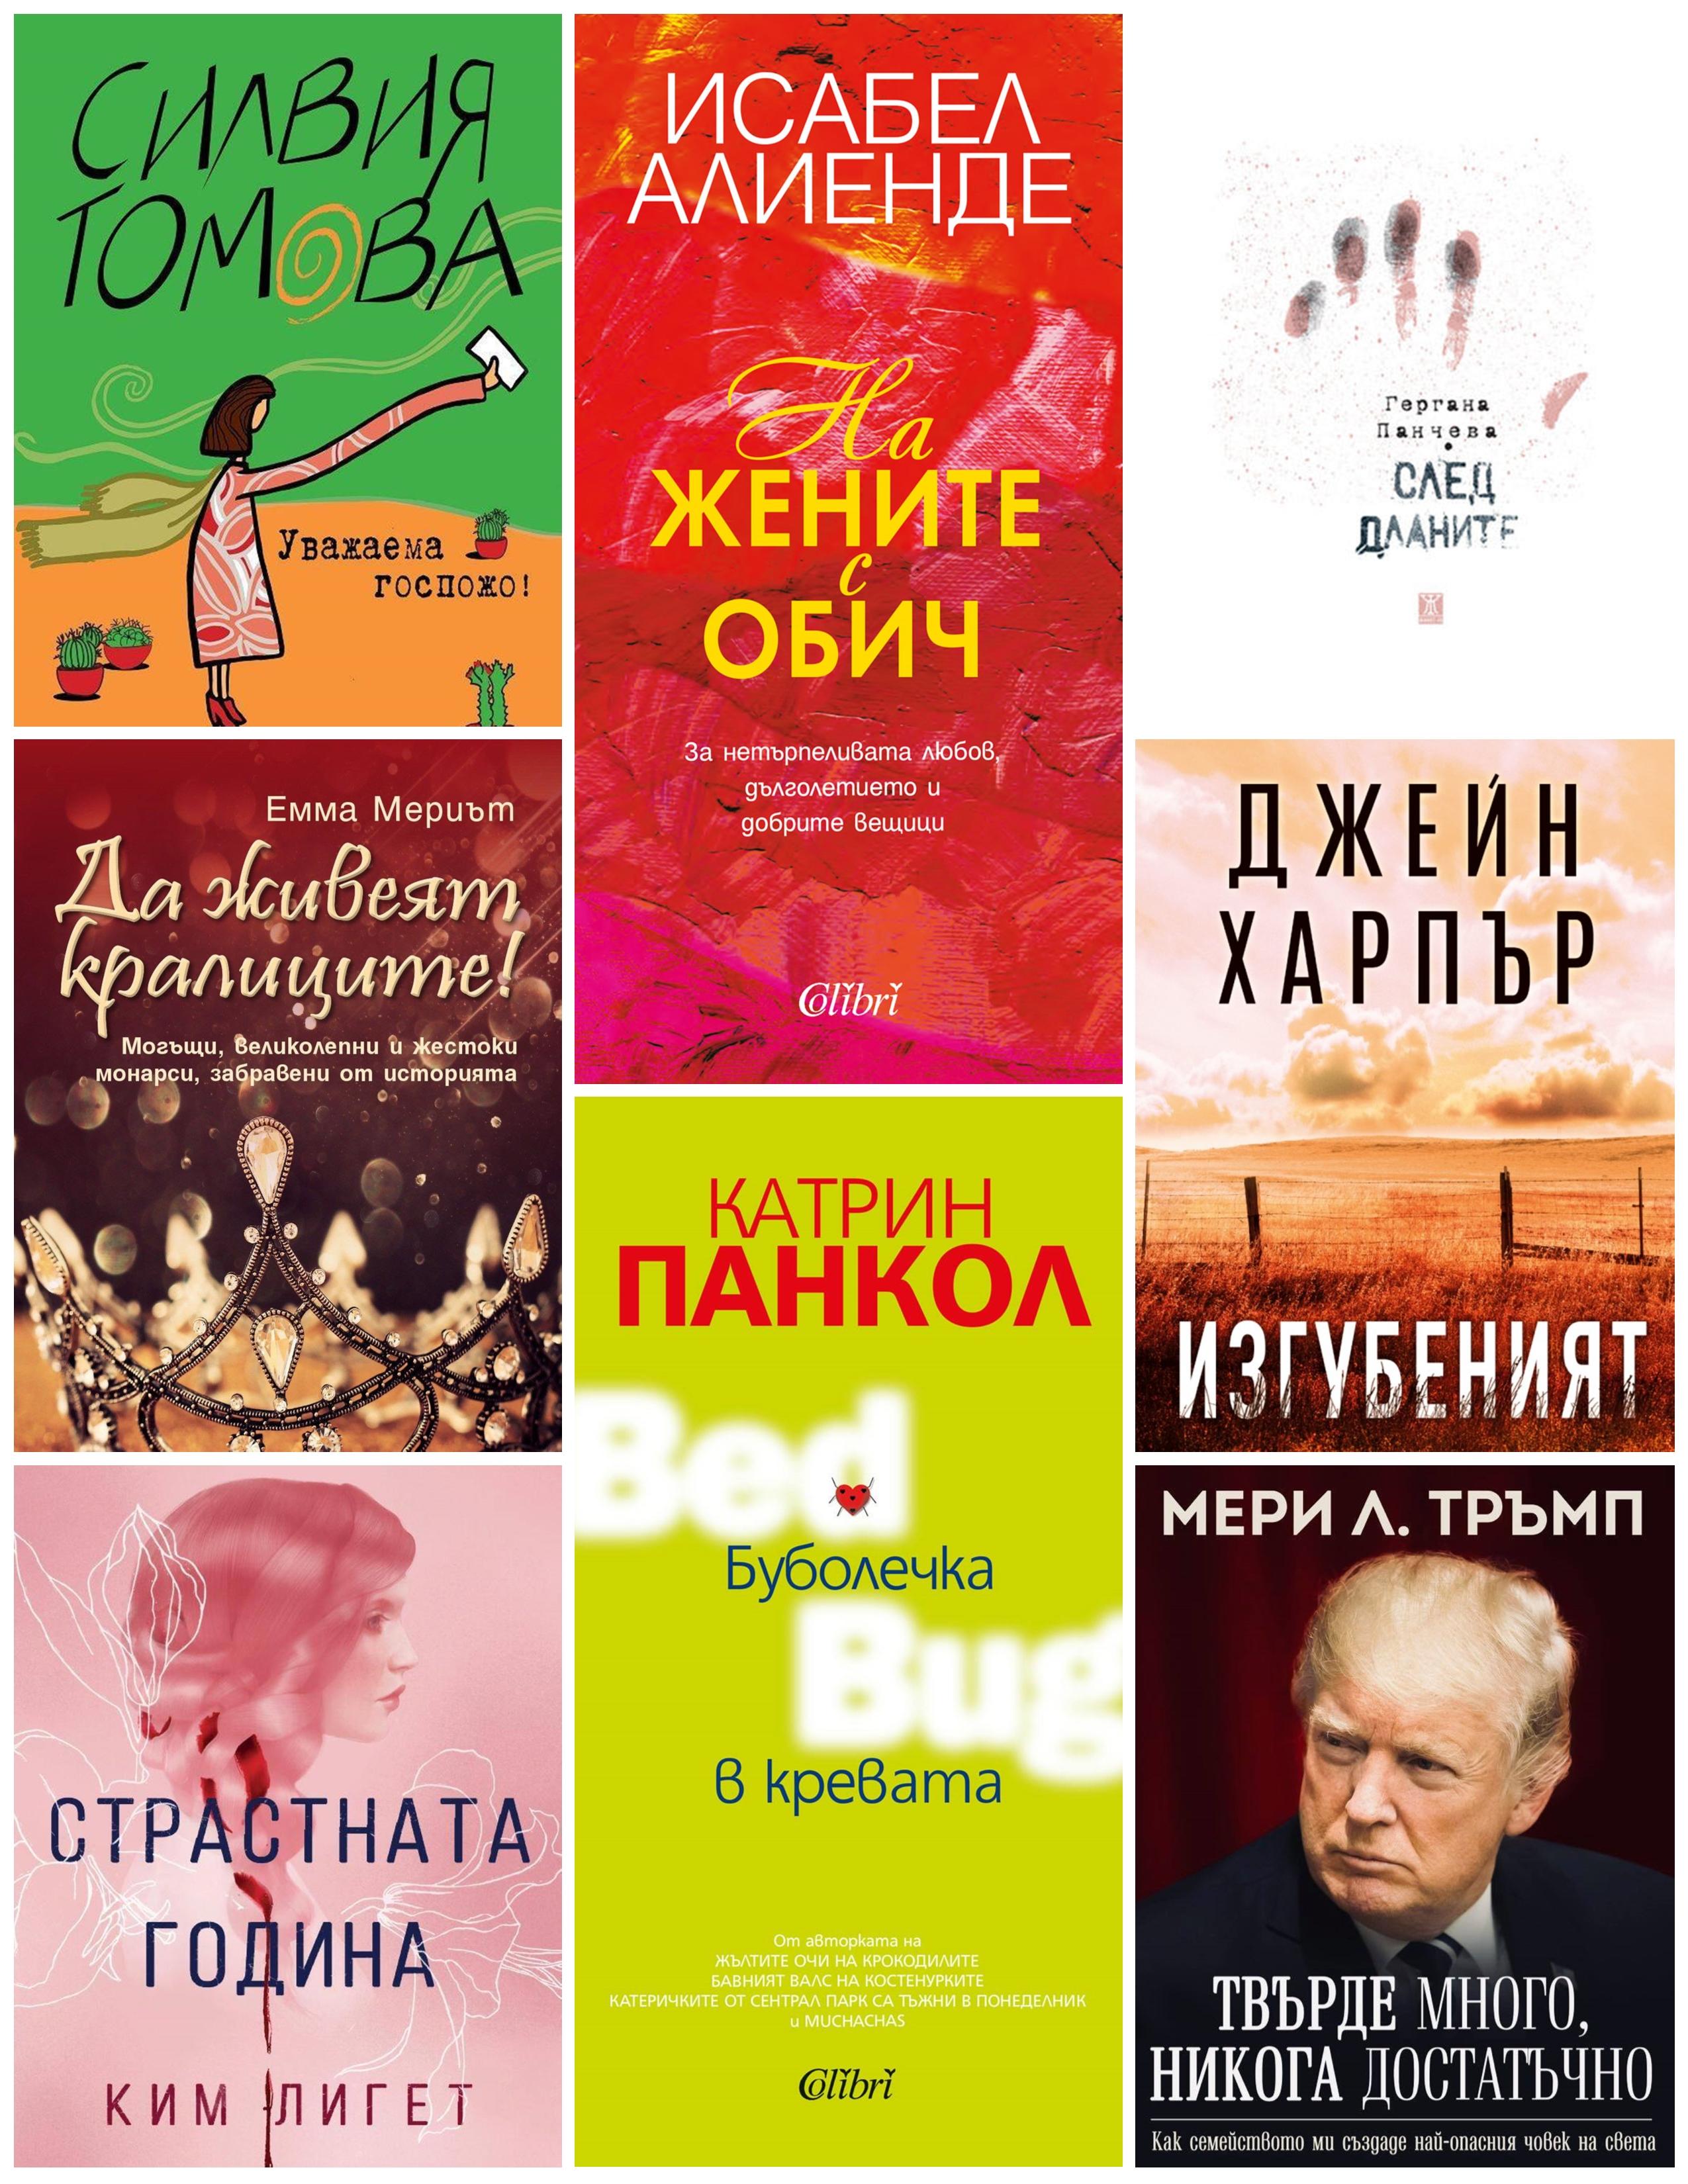 Колонката на Георги Цанков: Исабел Алиенде, Силвия Томова, Катрин Панкол и още книги от жени